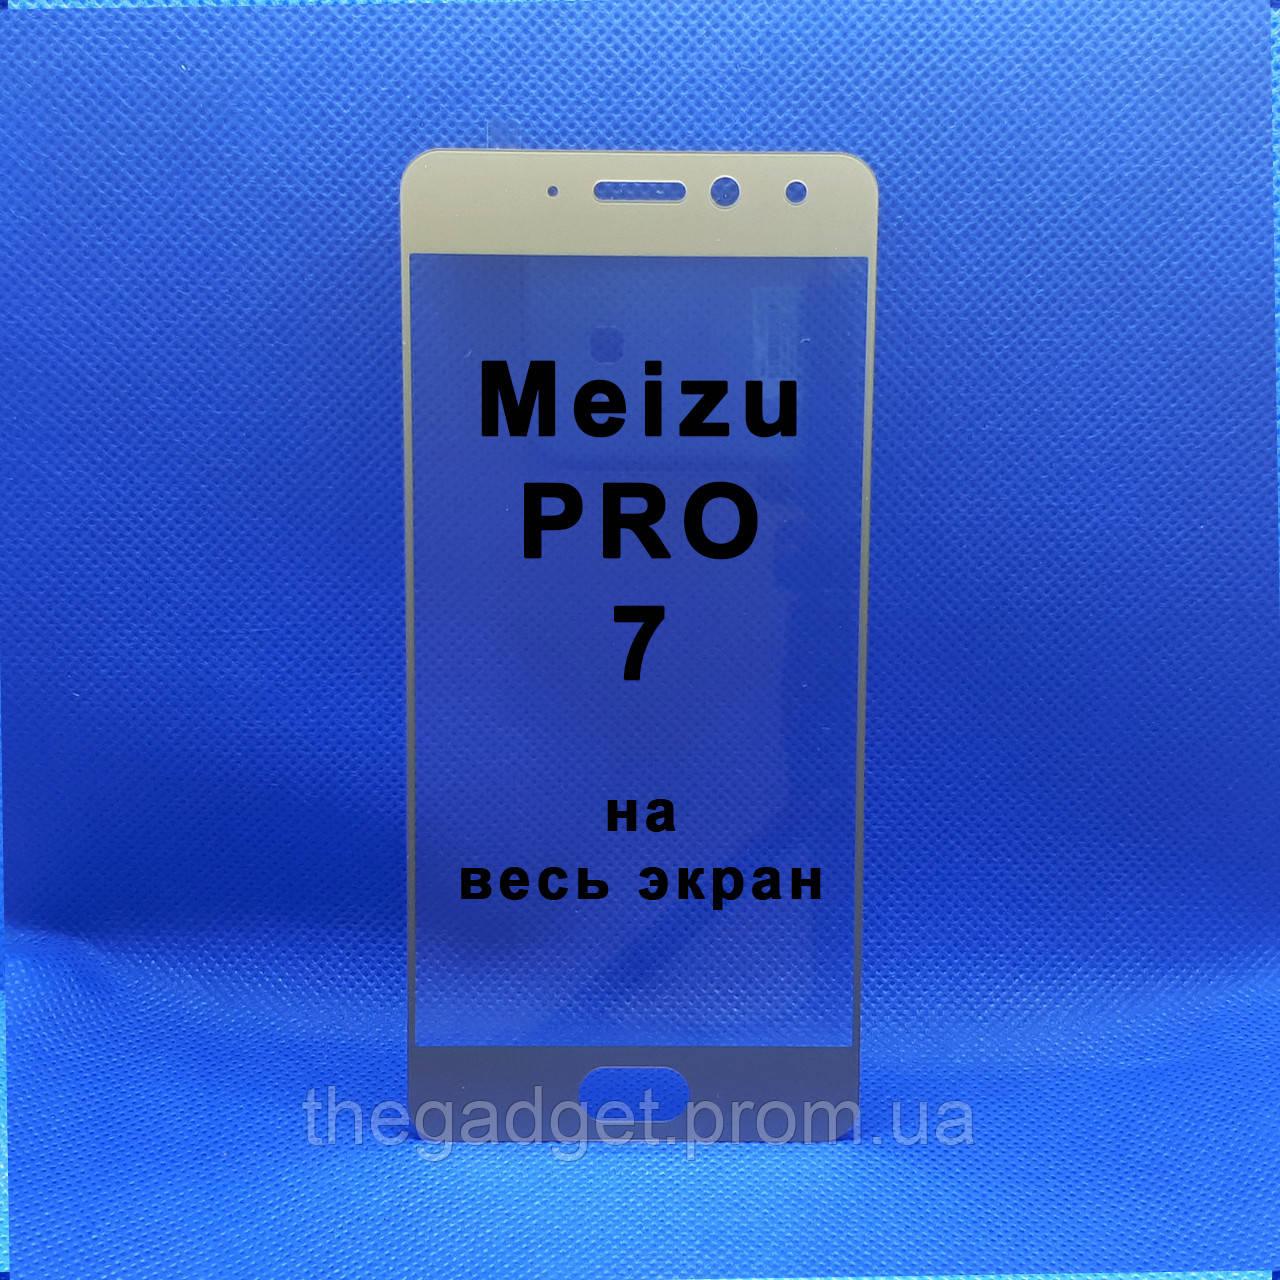 Защитное стекло для Meizu Pro 7 Золотое на весь экран